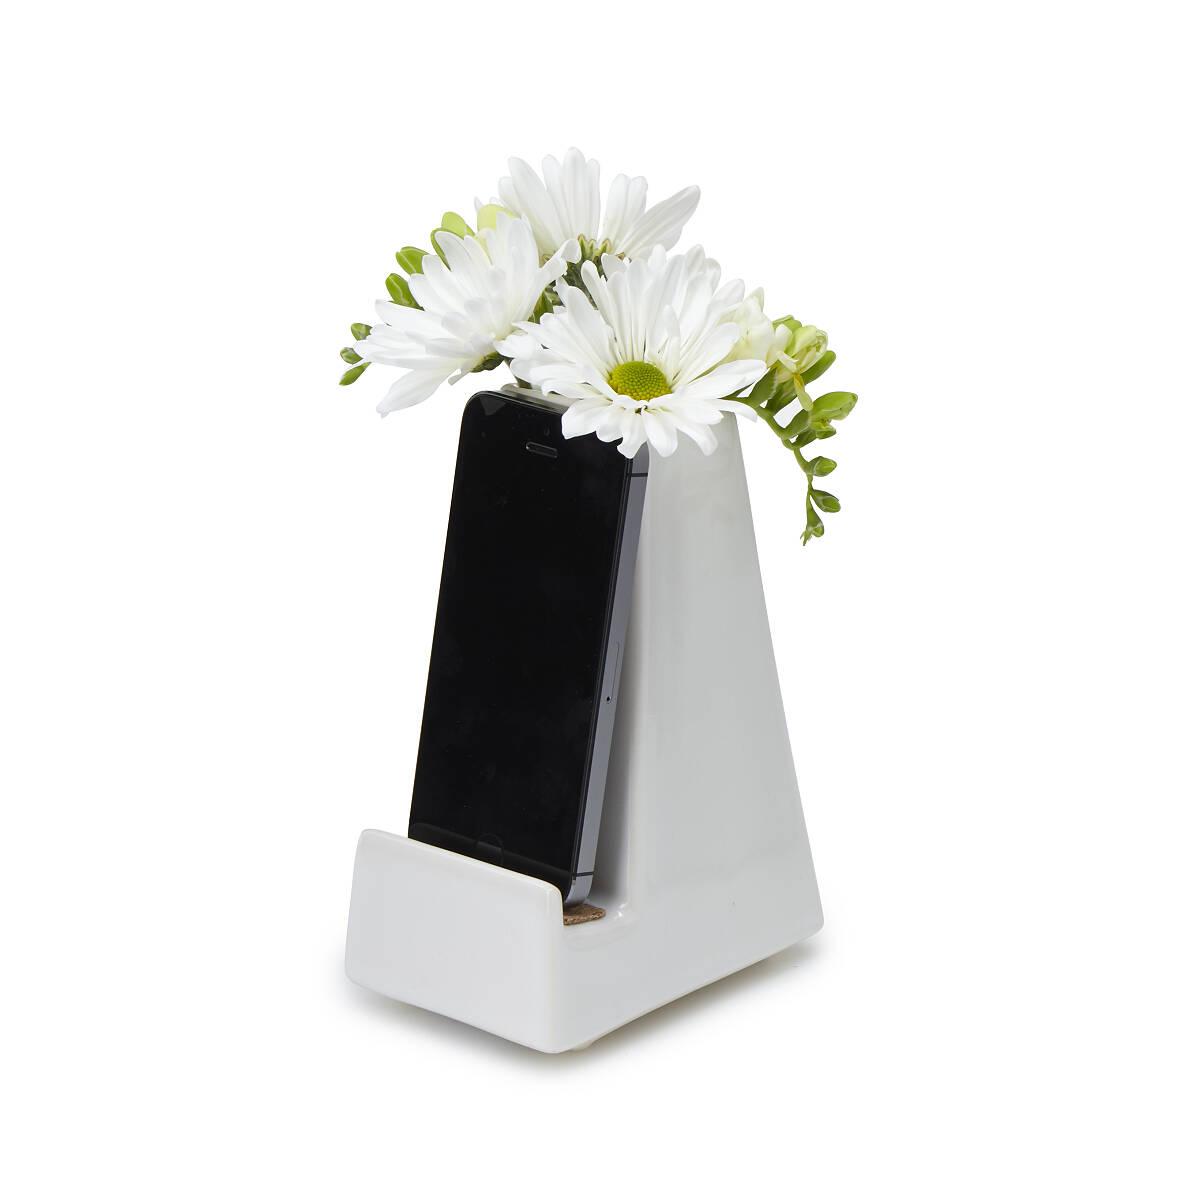 Bedside Smartphone Vase 4 thumbnail